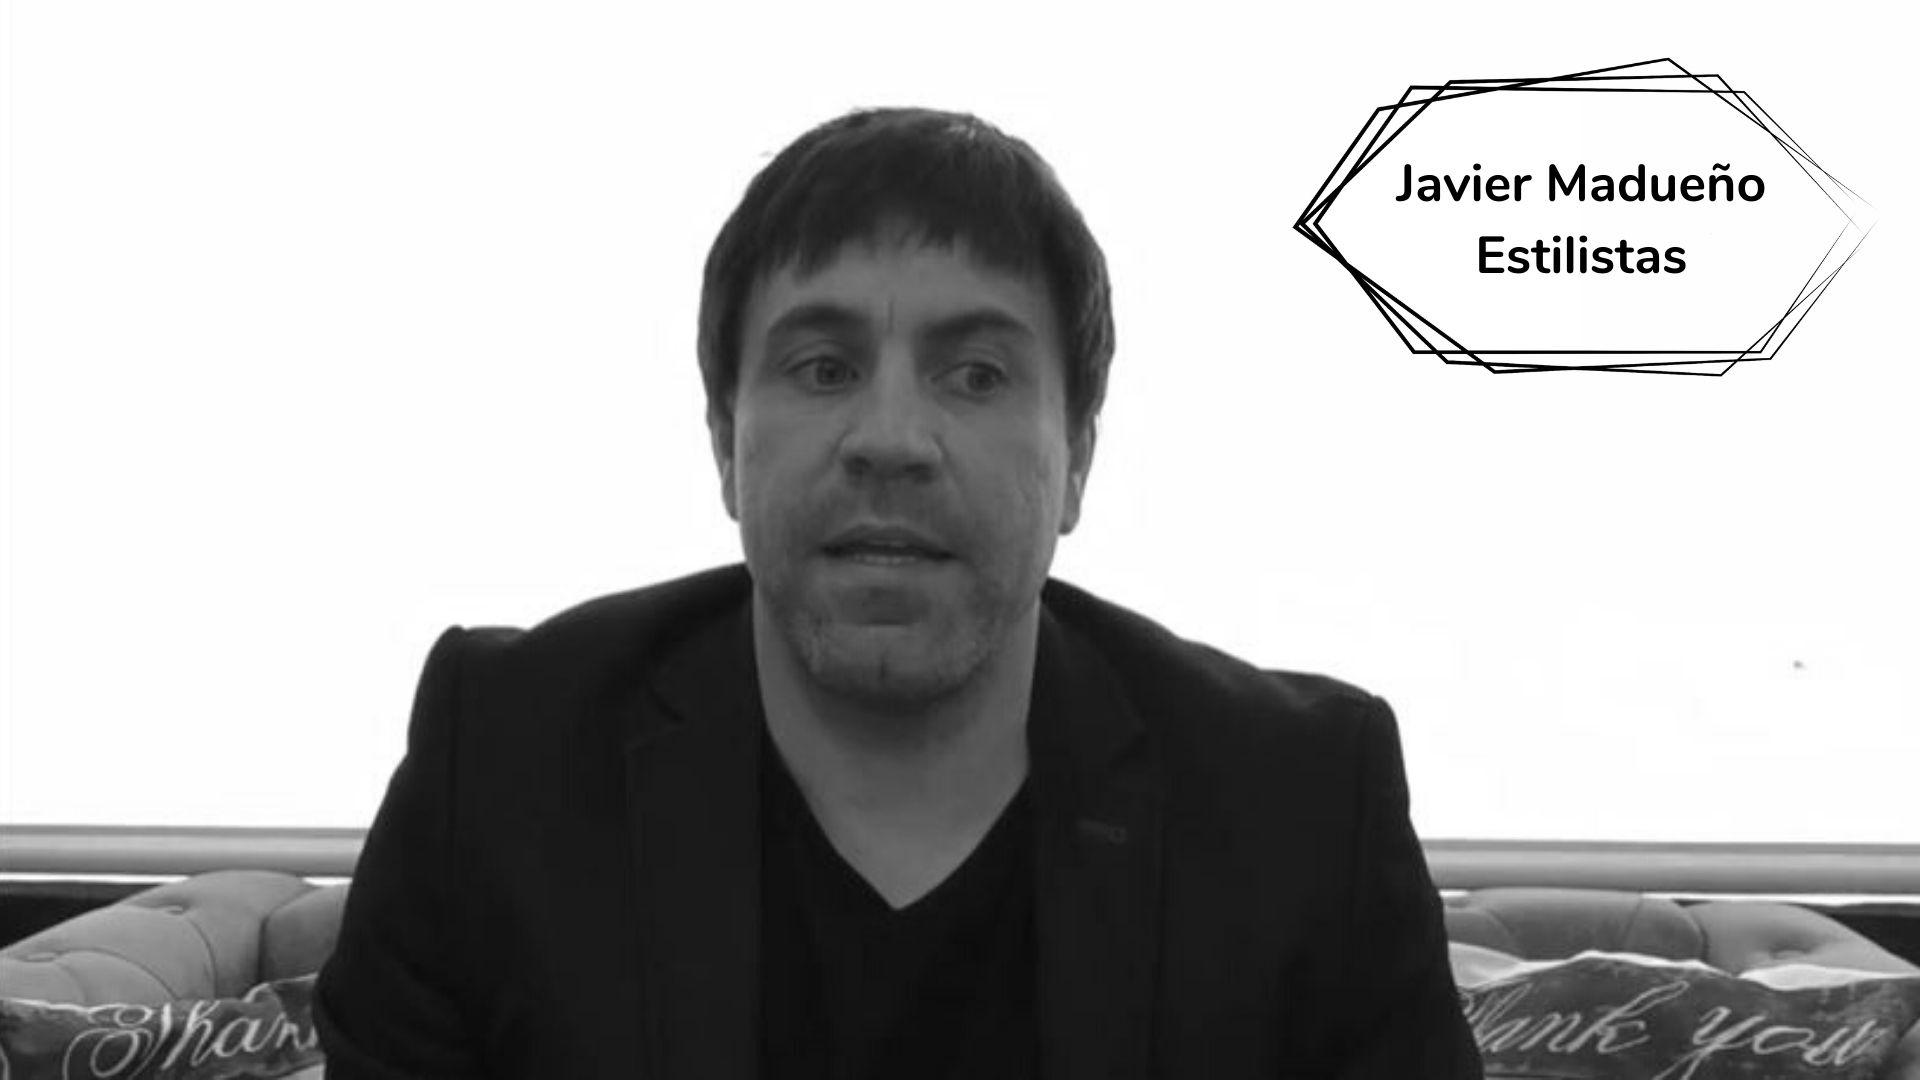 Javier Madueño